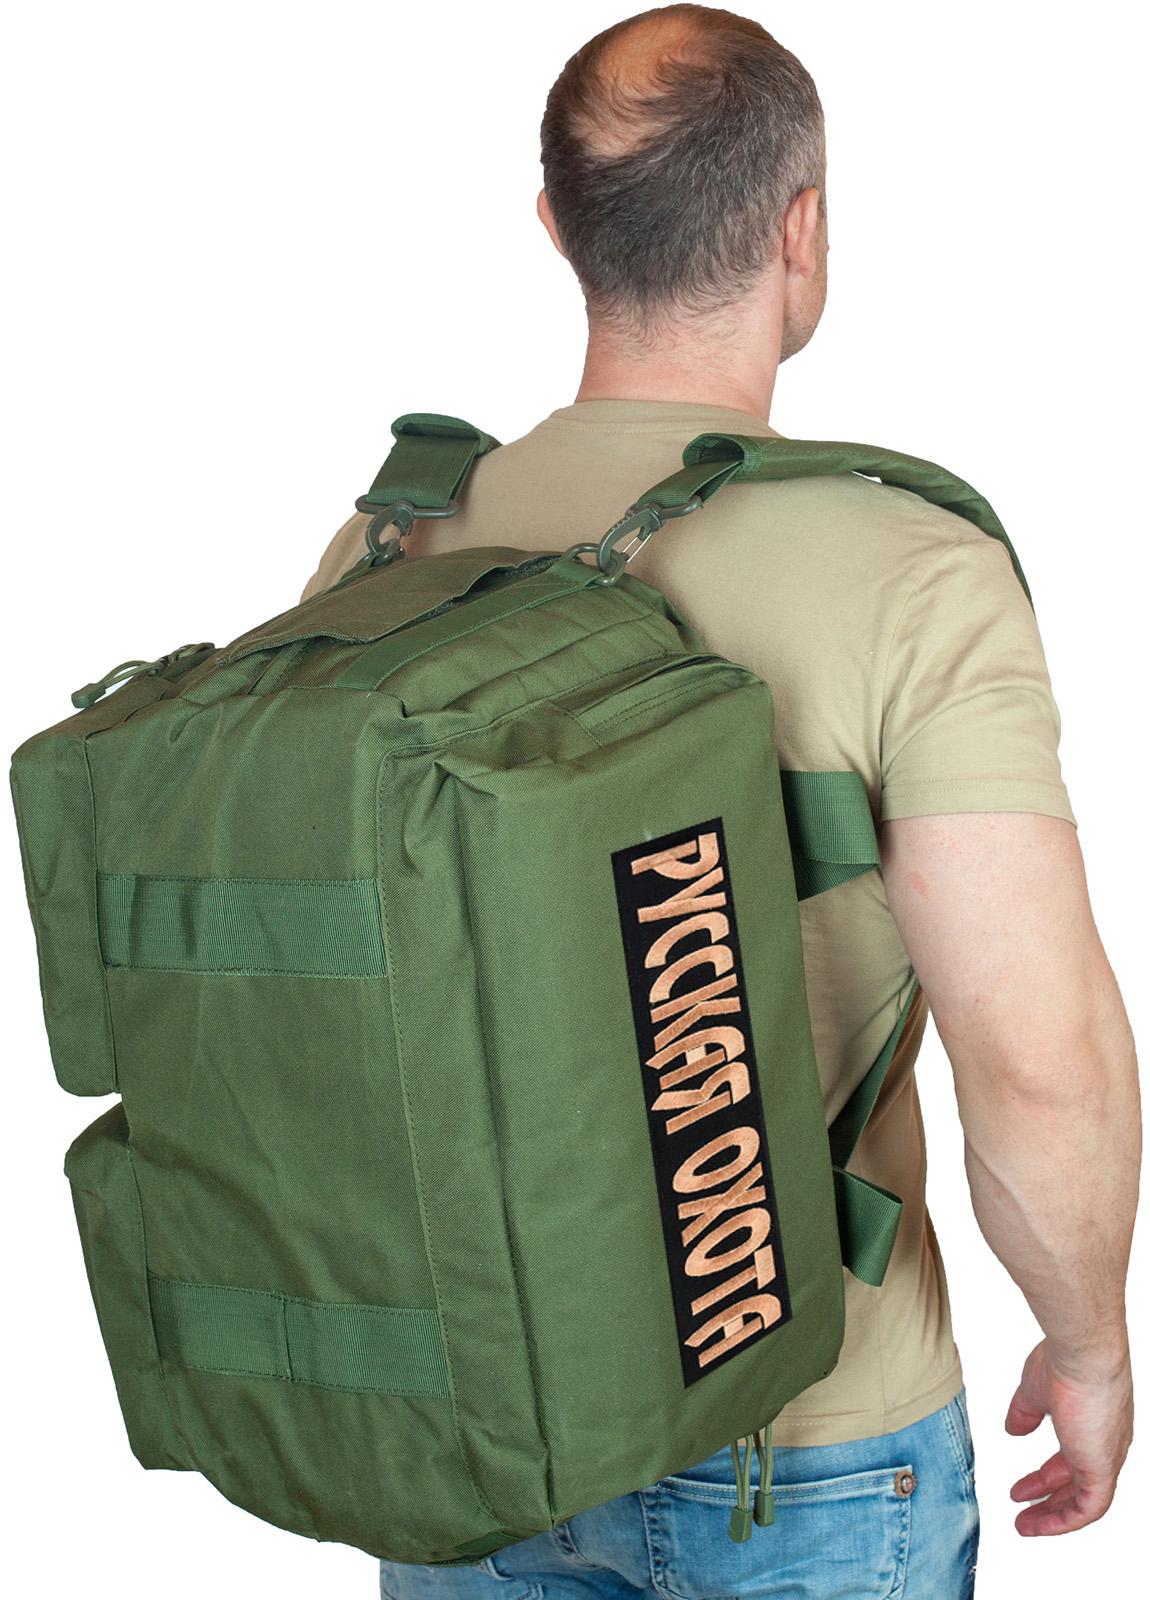 Купить тактическую заплечную сумку-рюкзак Русская Охота по специальной цене